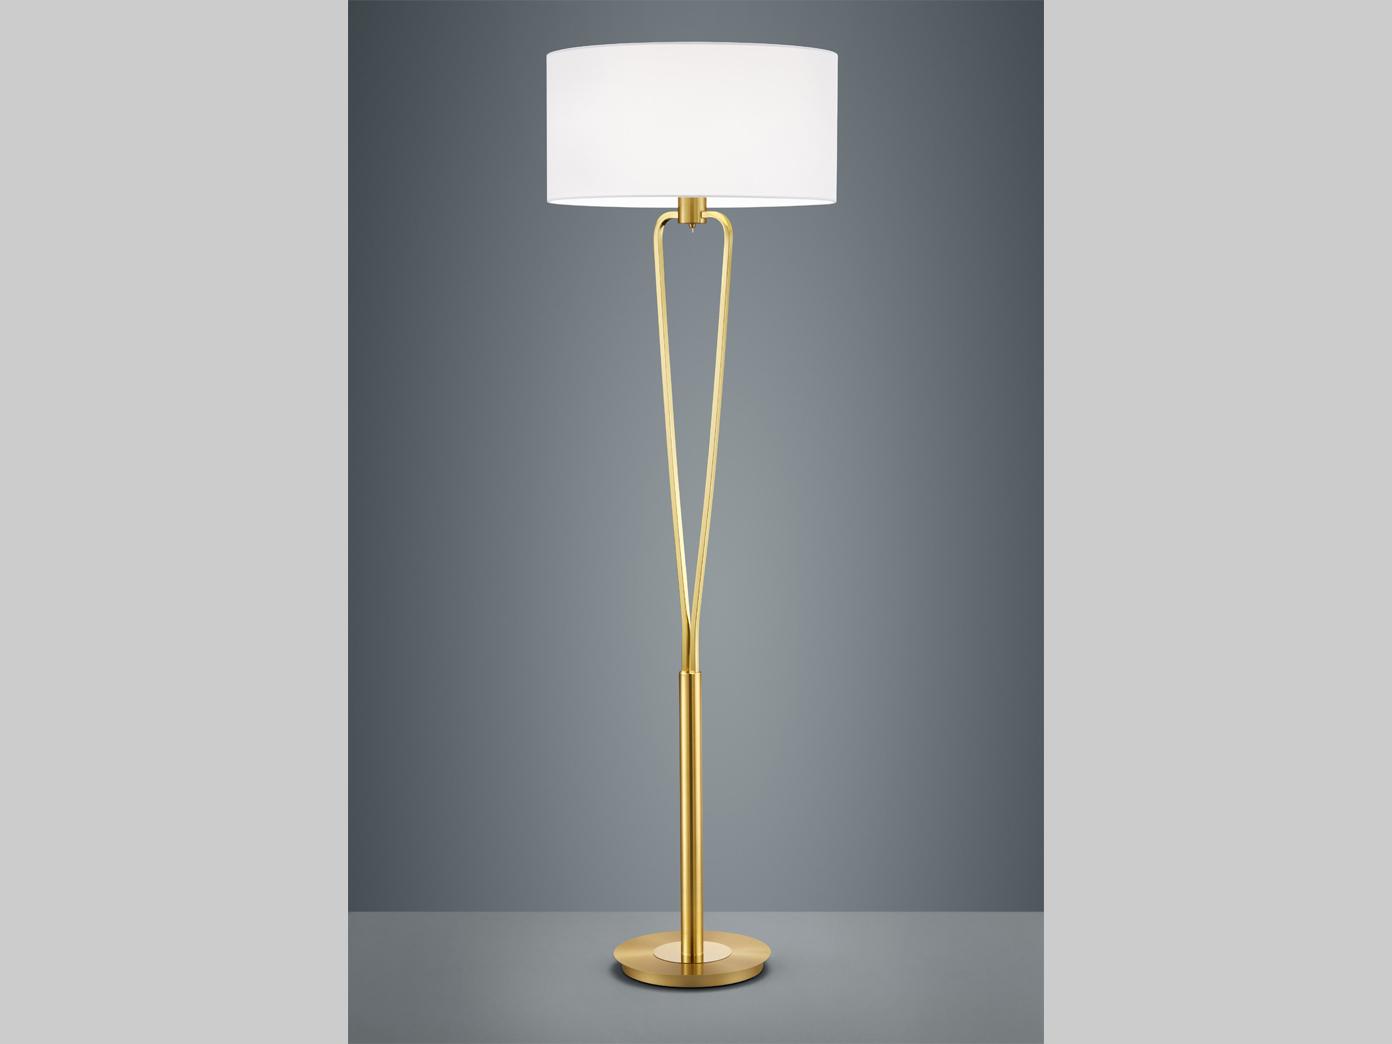 Standlampe mit STOFF Lampenschirm rund Höhe 160cm Ø 50cm schöne Wohnraumleuchten